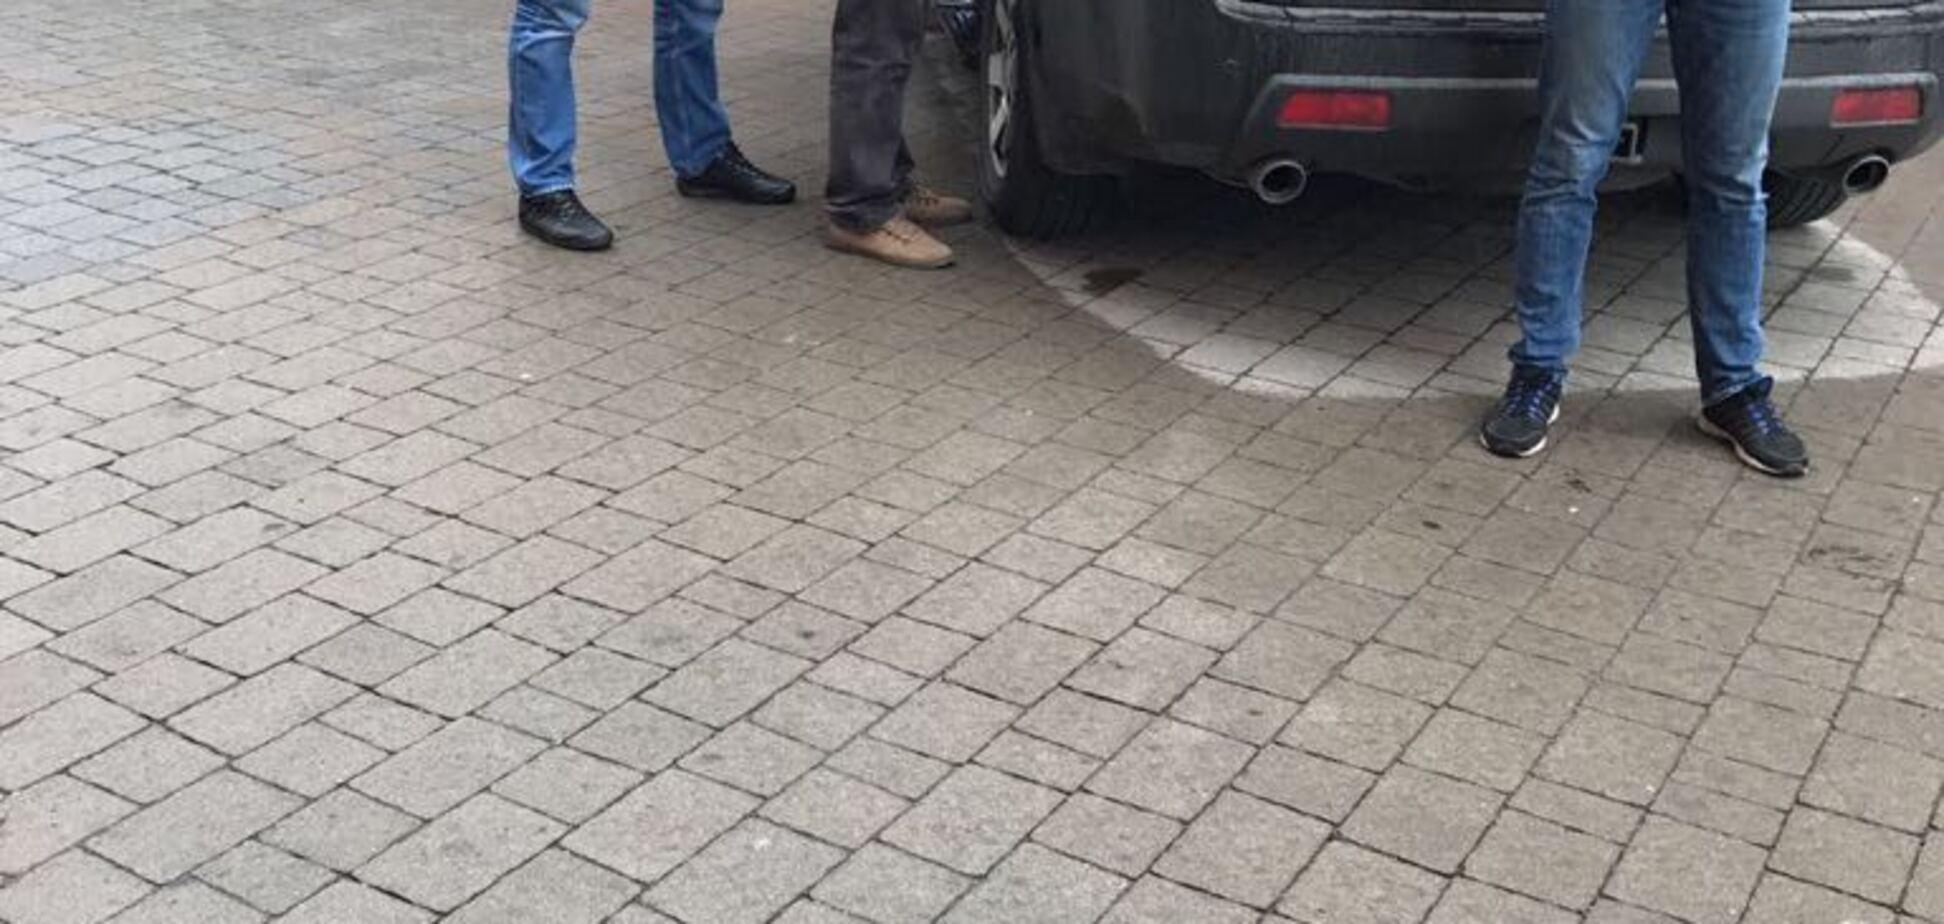 Спіймали на гарячому: у Чернівецькій області чиновник податкової вимагав мільйон гривень хабара